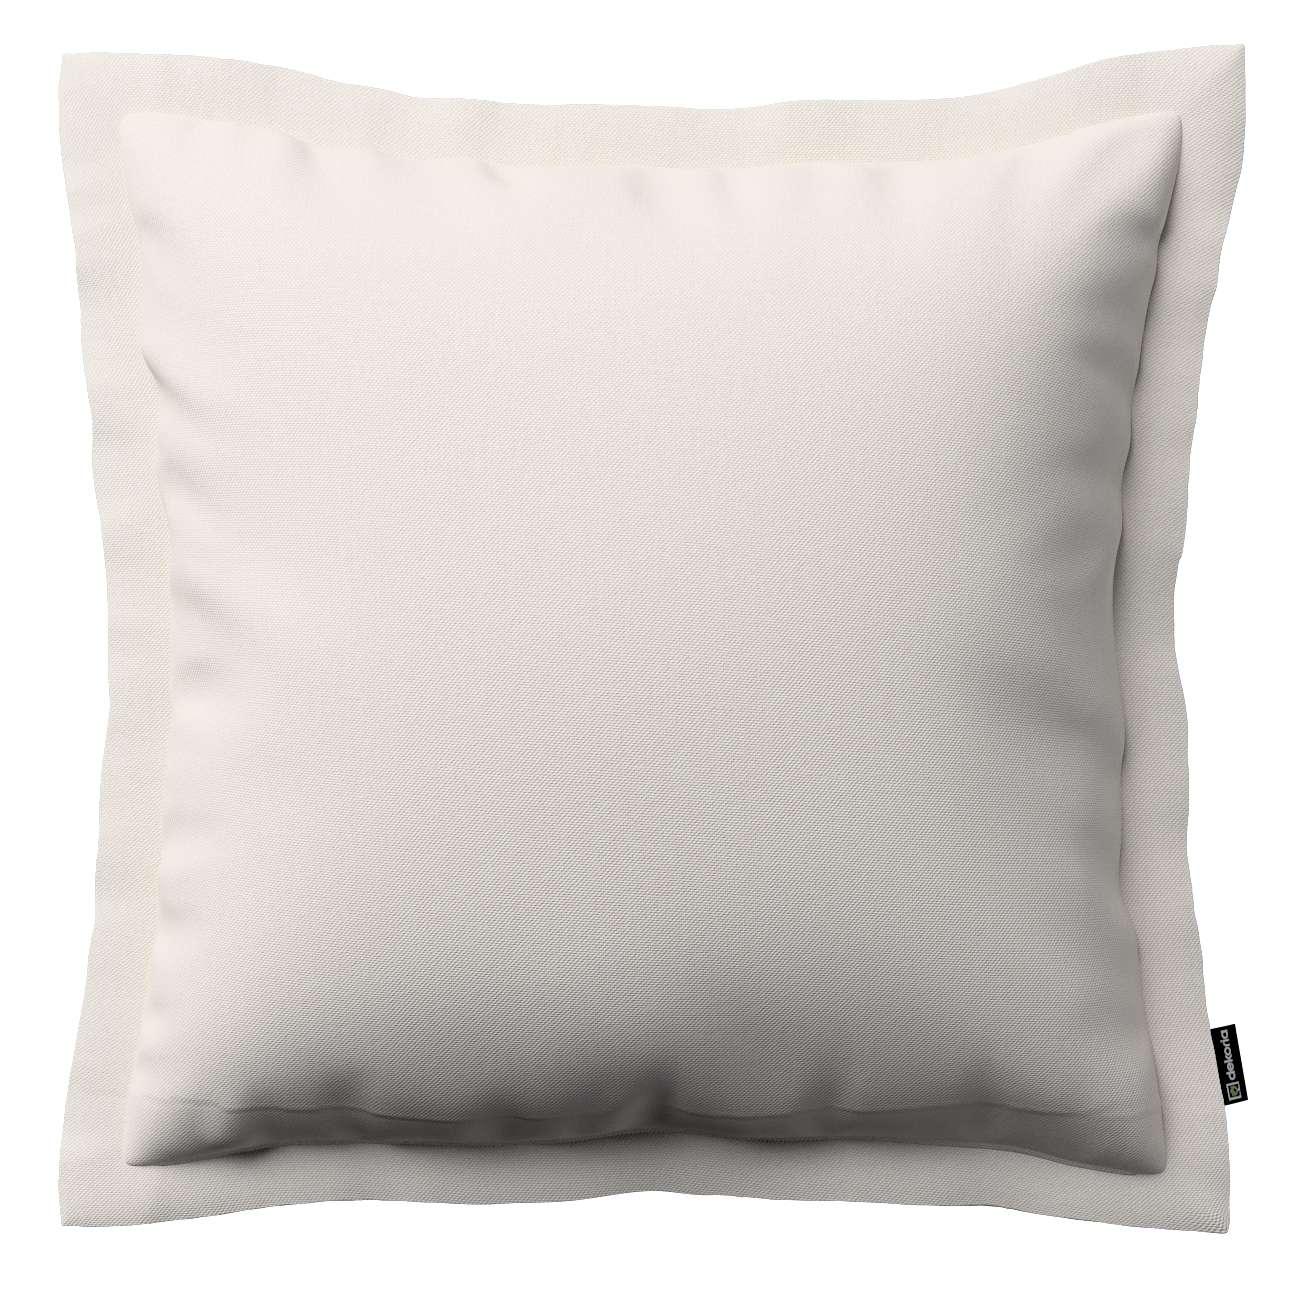 Mona dekoratyvinių pagalvėlių užvalkalas su sienele 38 x 38 cm kolekcijoje Etna , audinys: 705-01